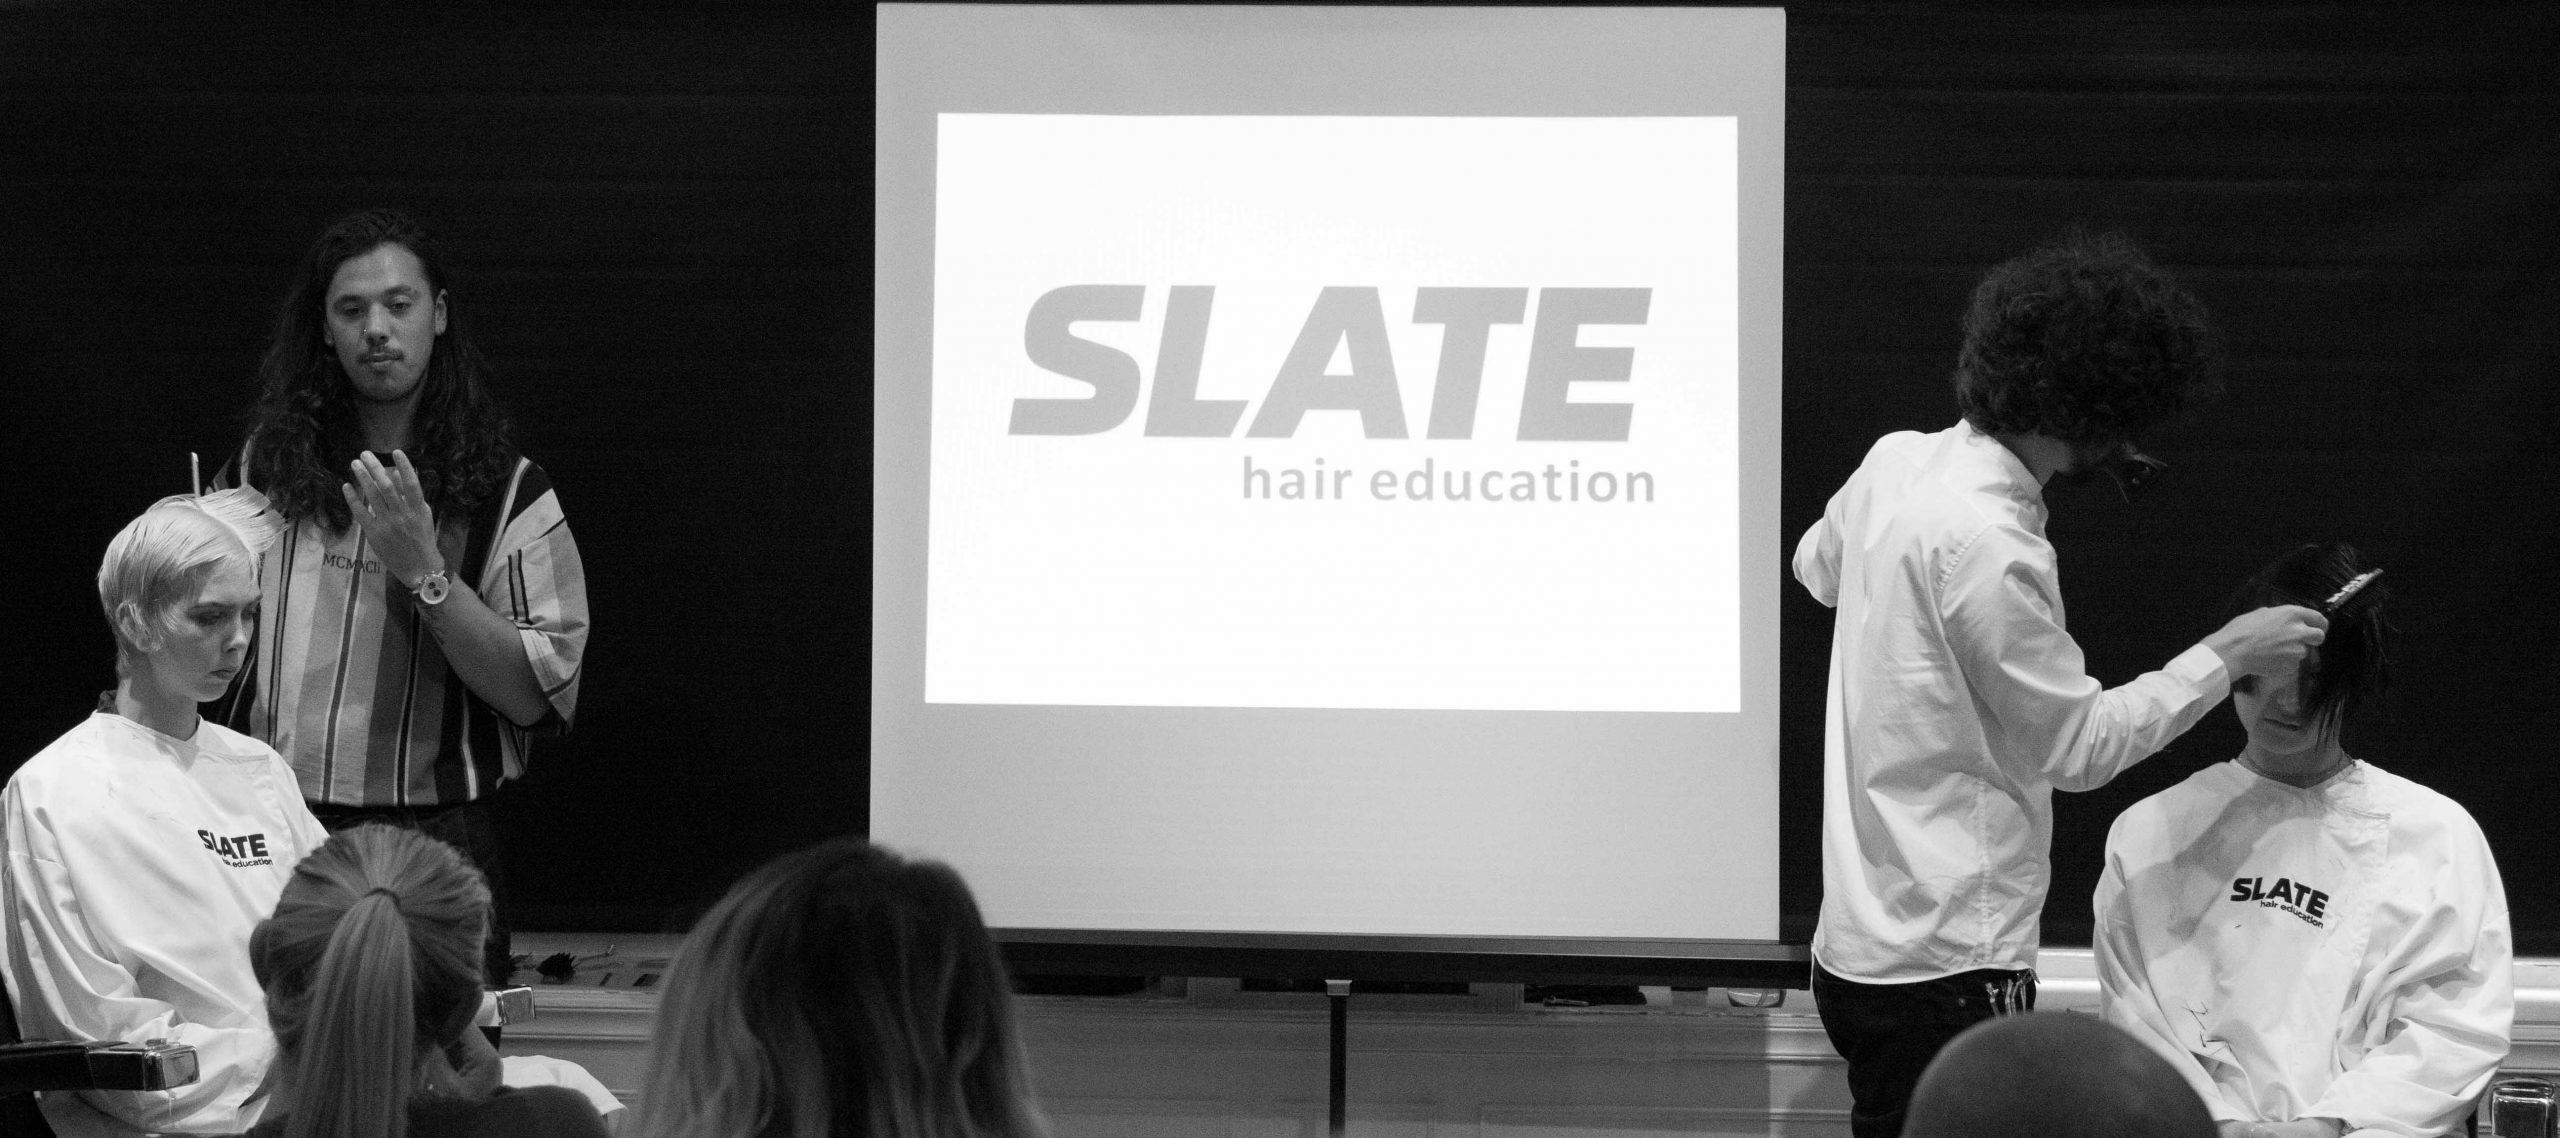 slate hair education course